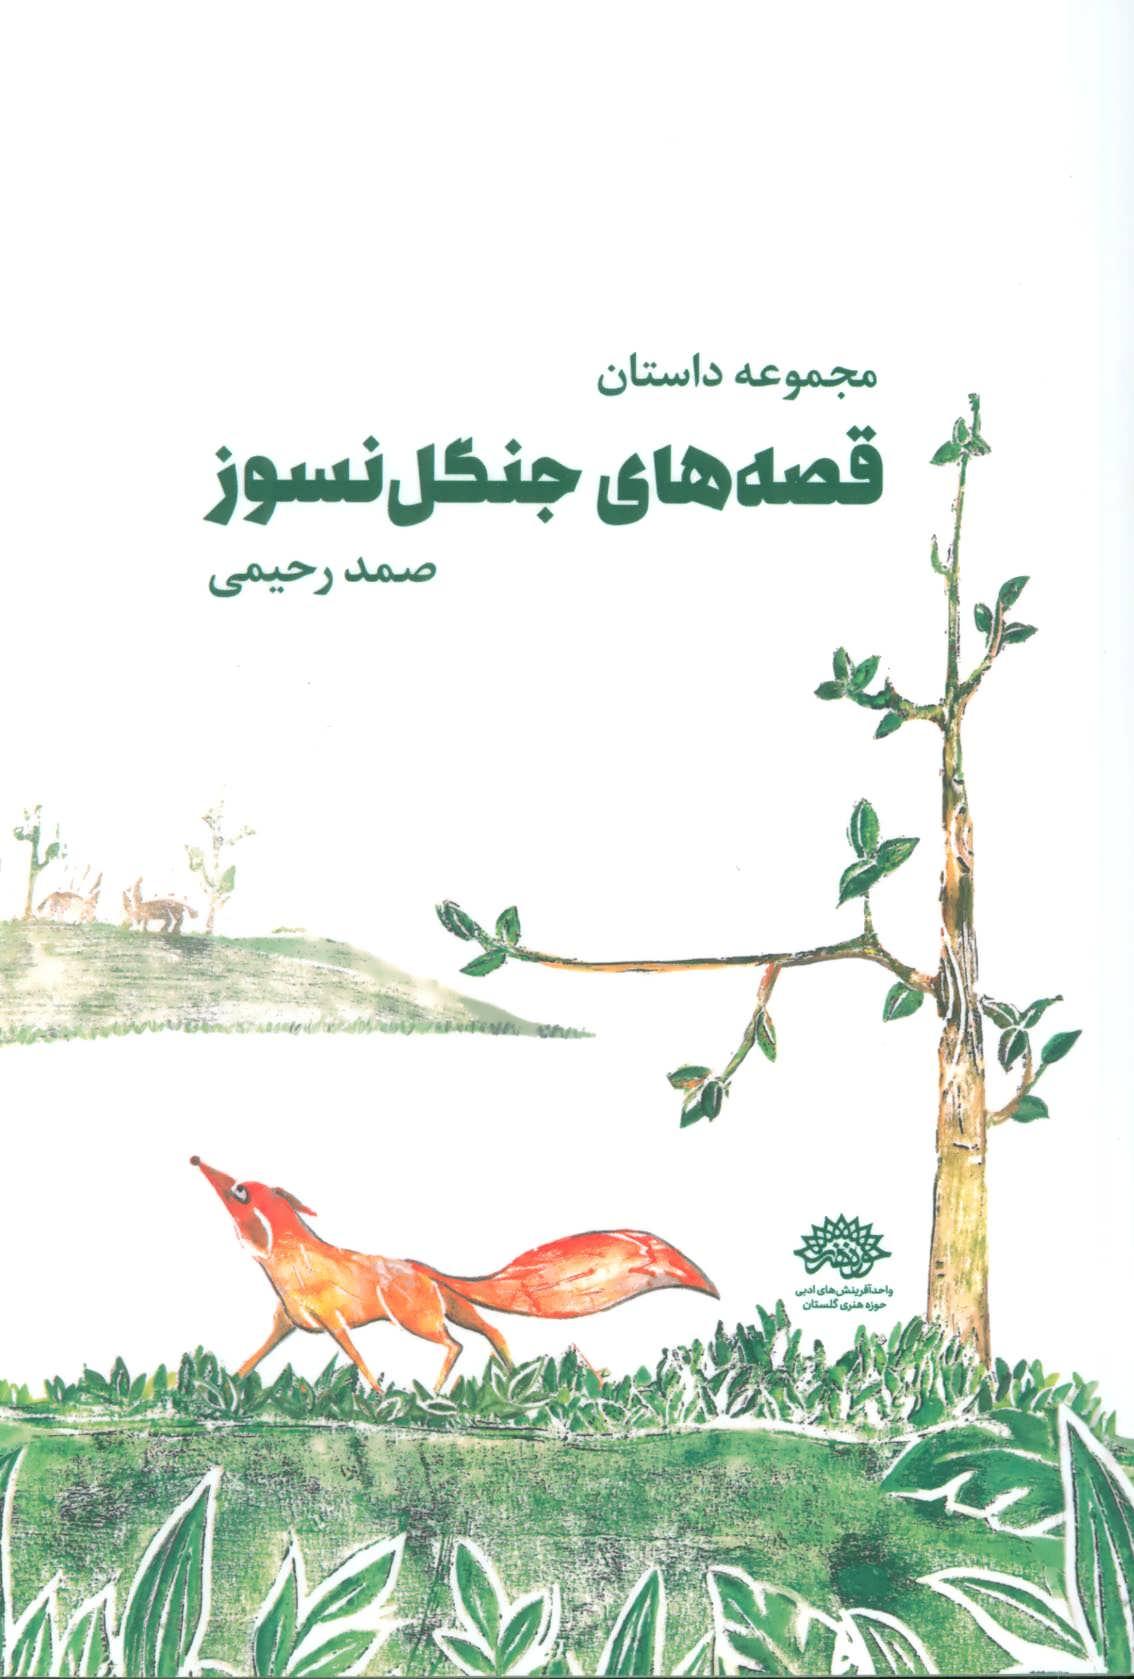 کتاب قصههای جنگل نسوز